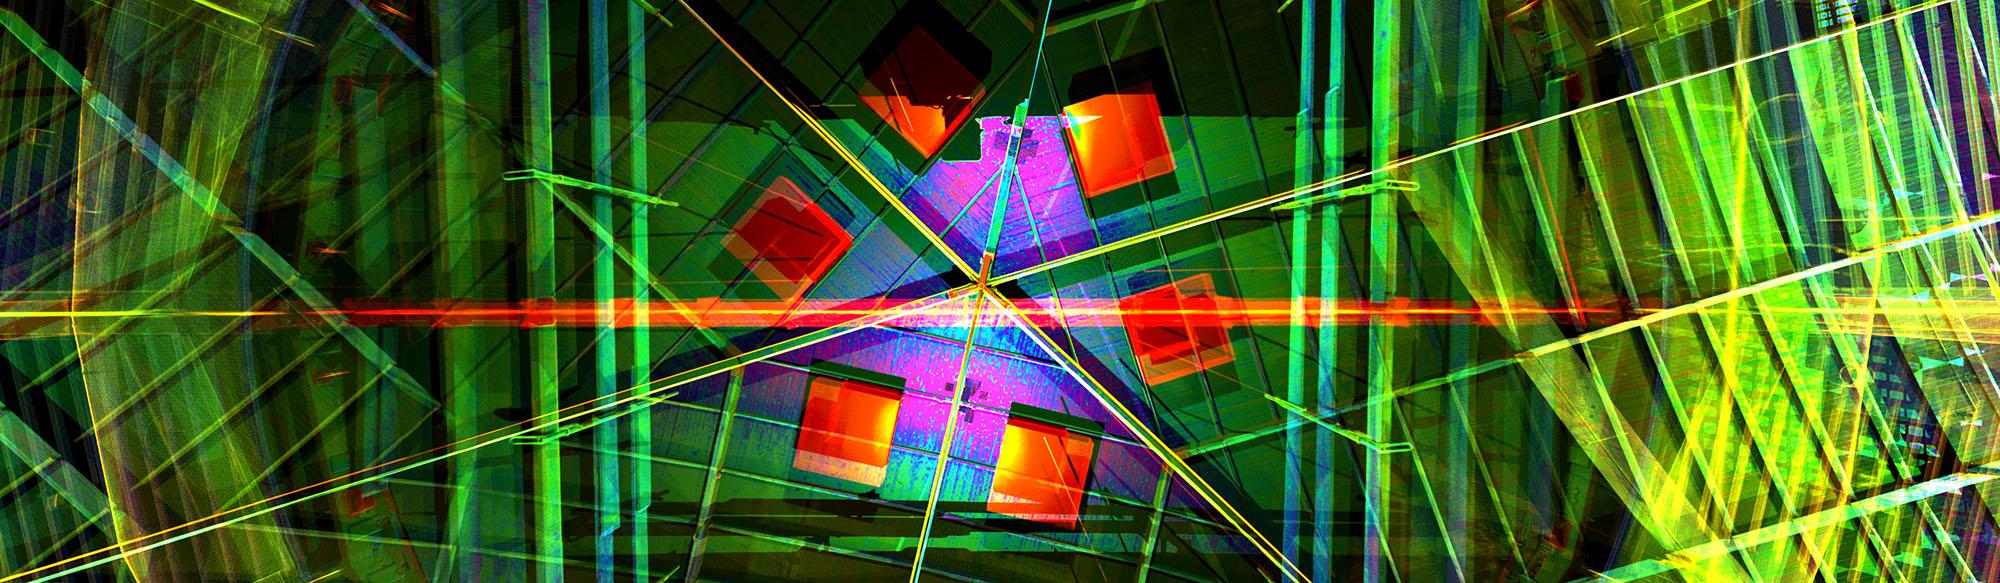 Coenradie 3D Laserscannen Puntenwolk